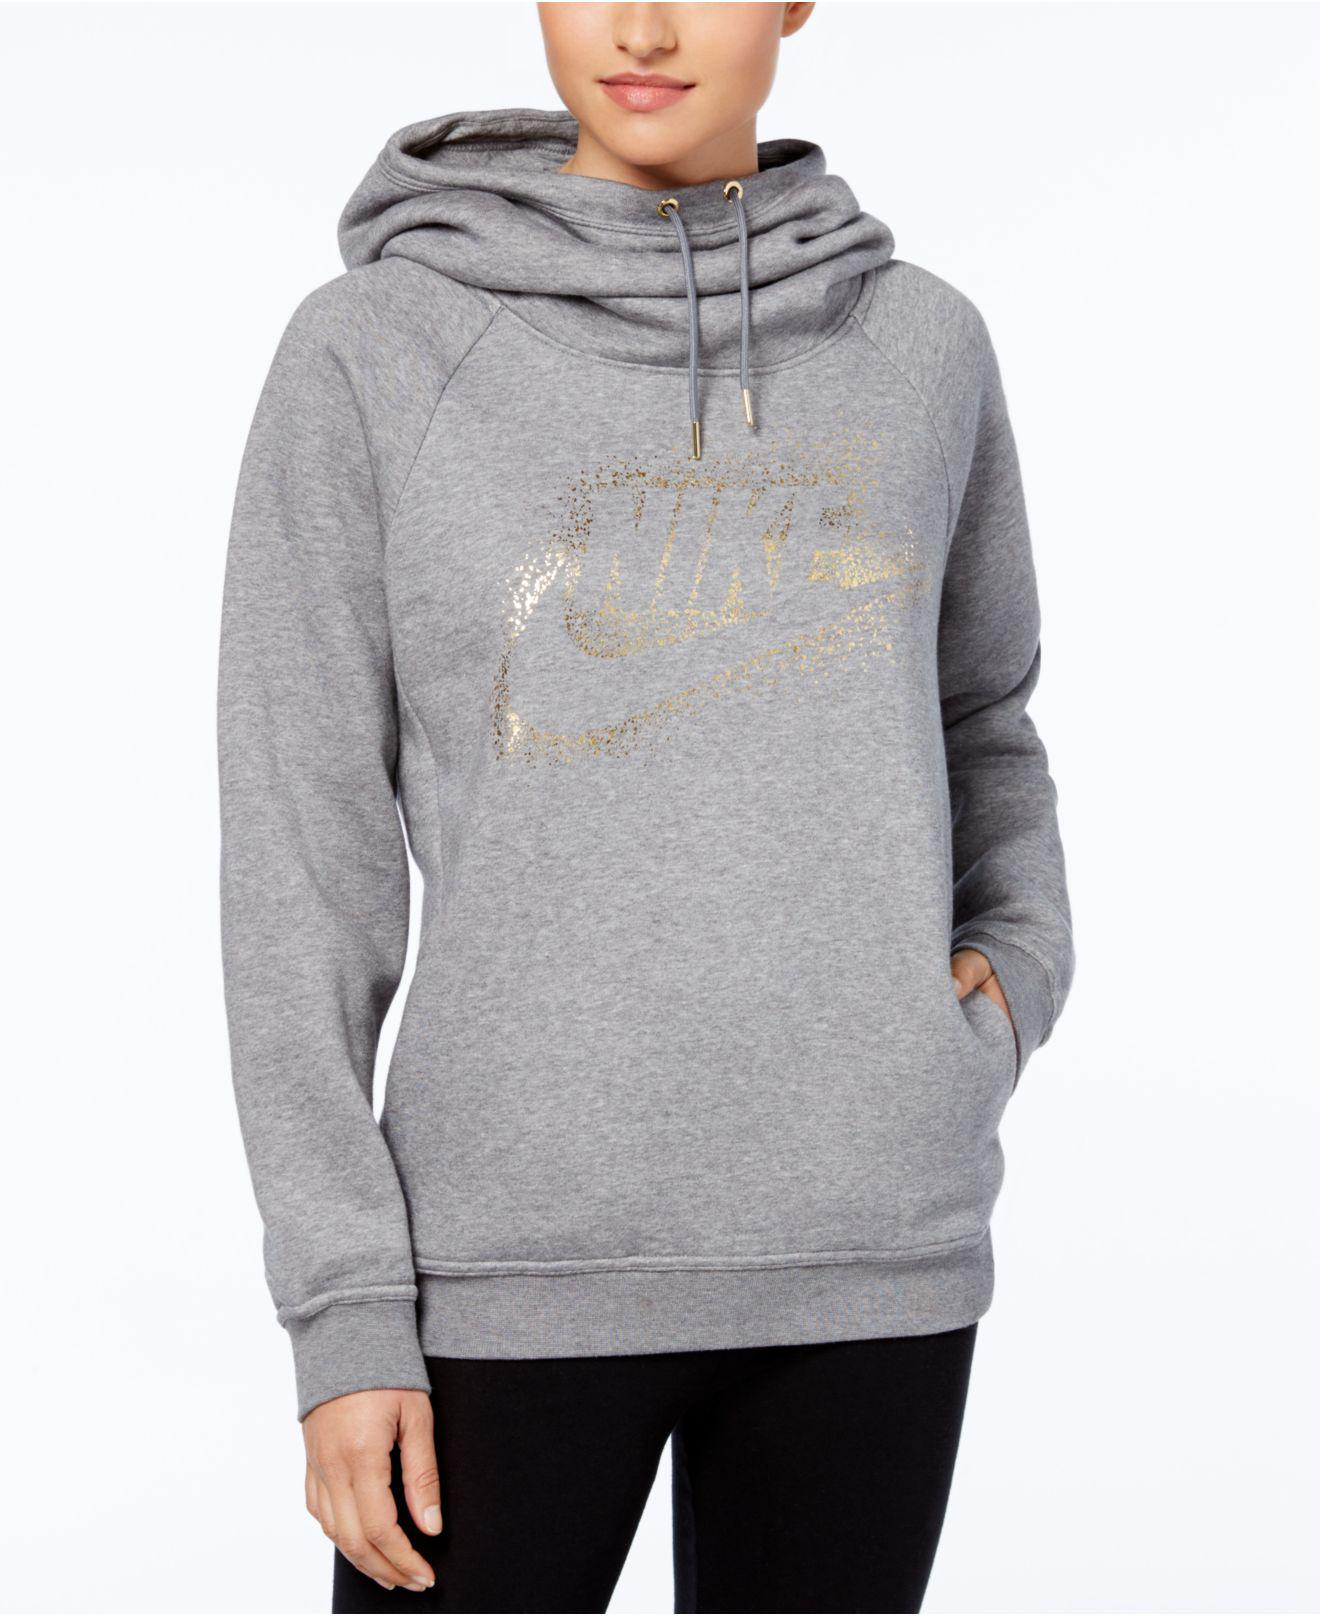 Nike Multicolor Sportswear Rally Funnel neck Metallic logo Hoodie